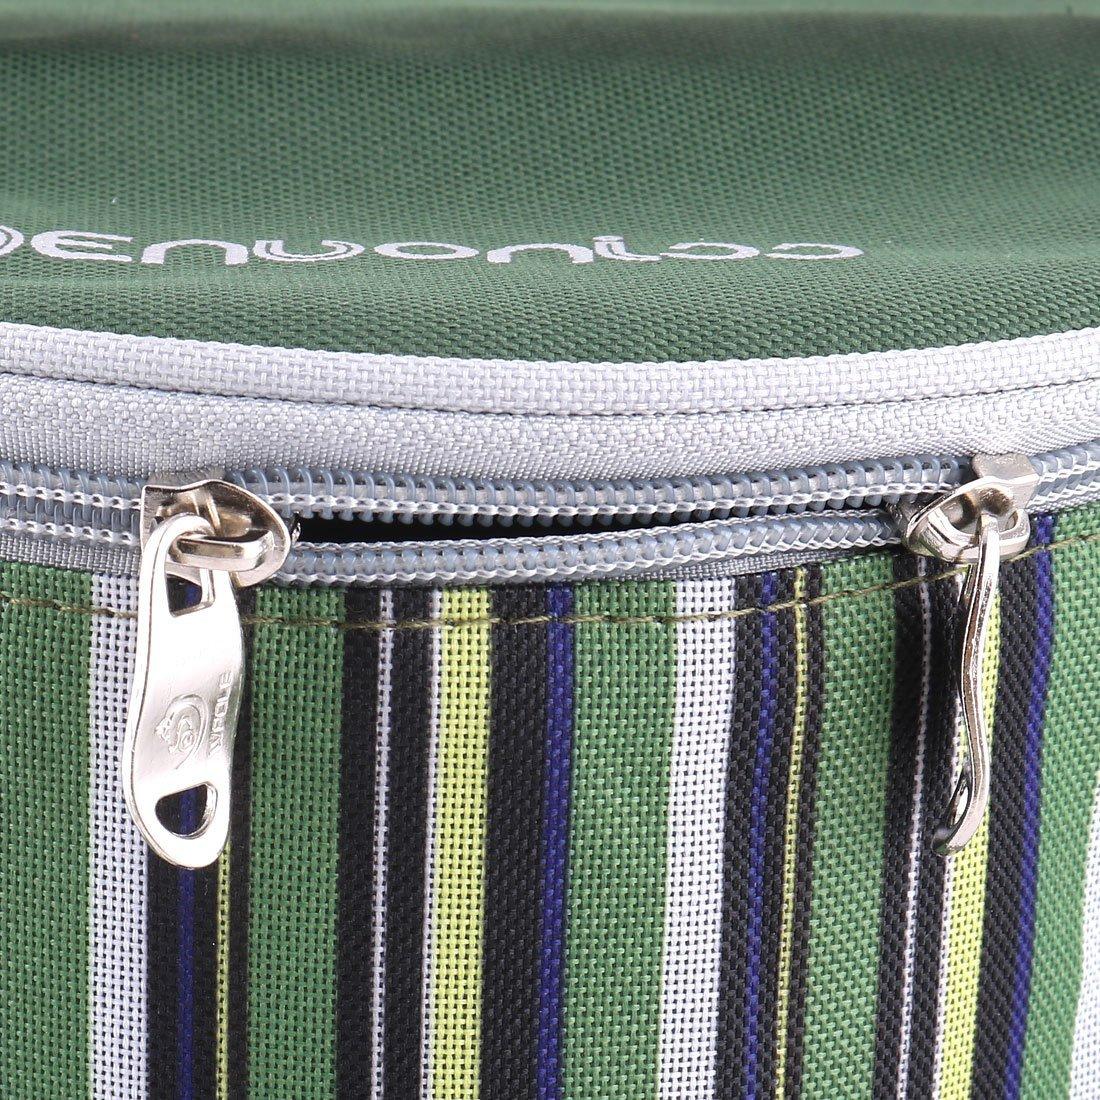 Amazon.com: eDealMax tela de Oxford acampar al aire libre Ronda de cierre de cremallera calientaplatos del refrigerador del hielo titular bolsa verde del ...